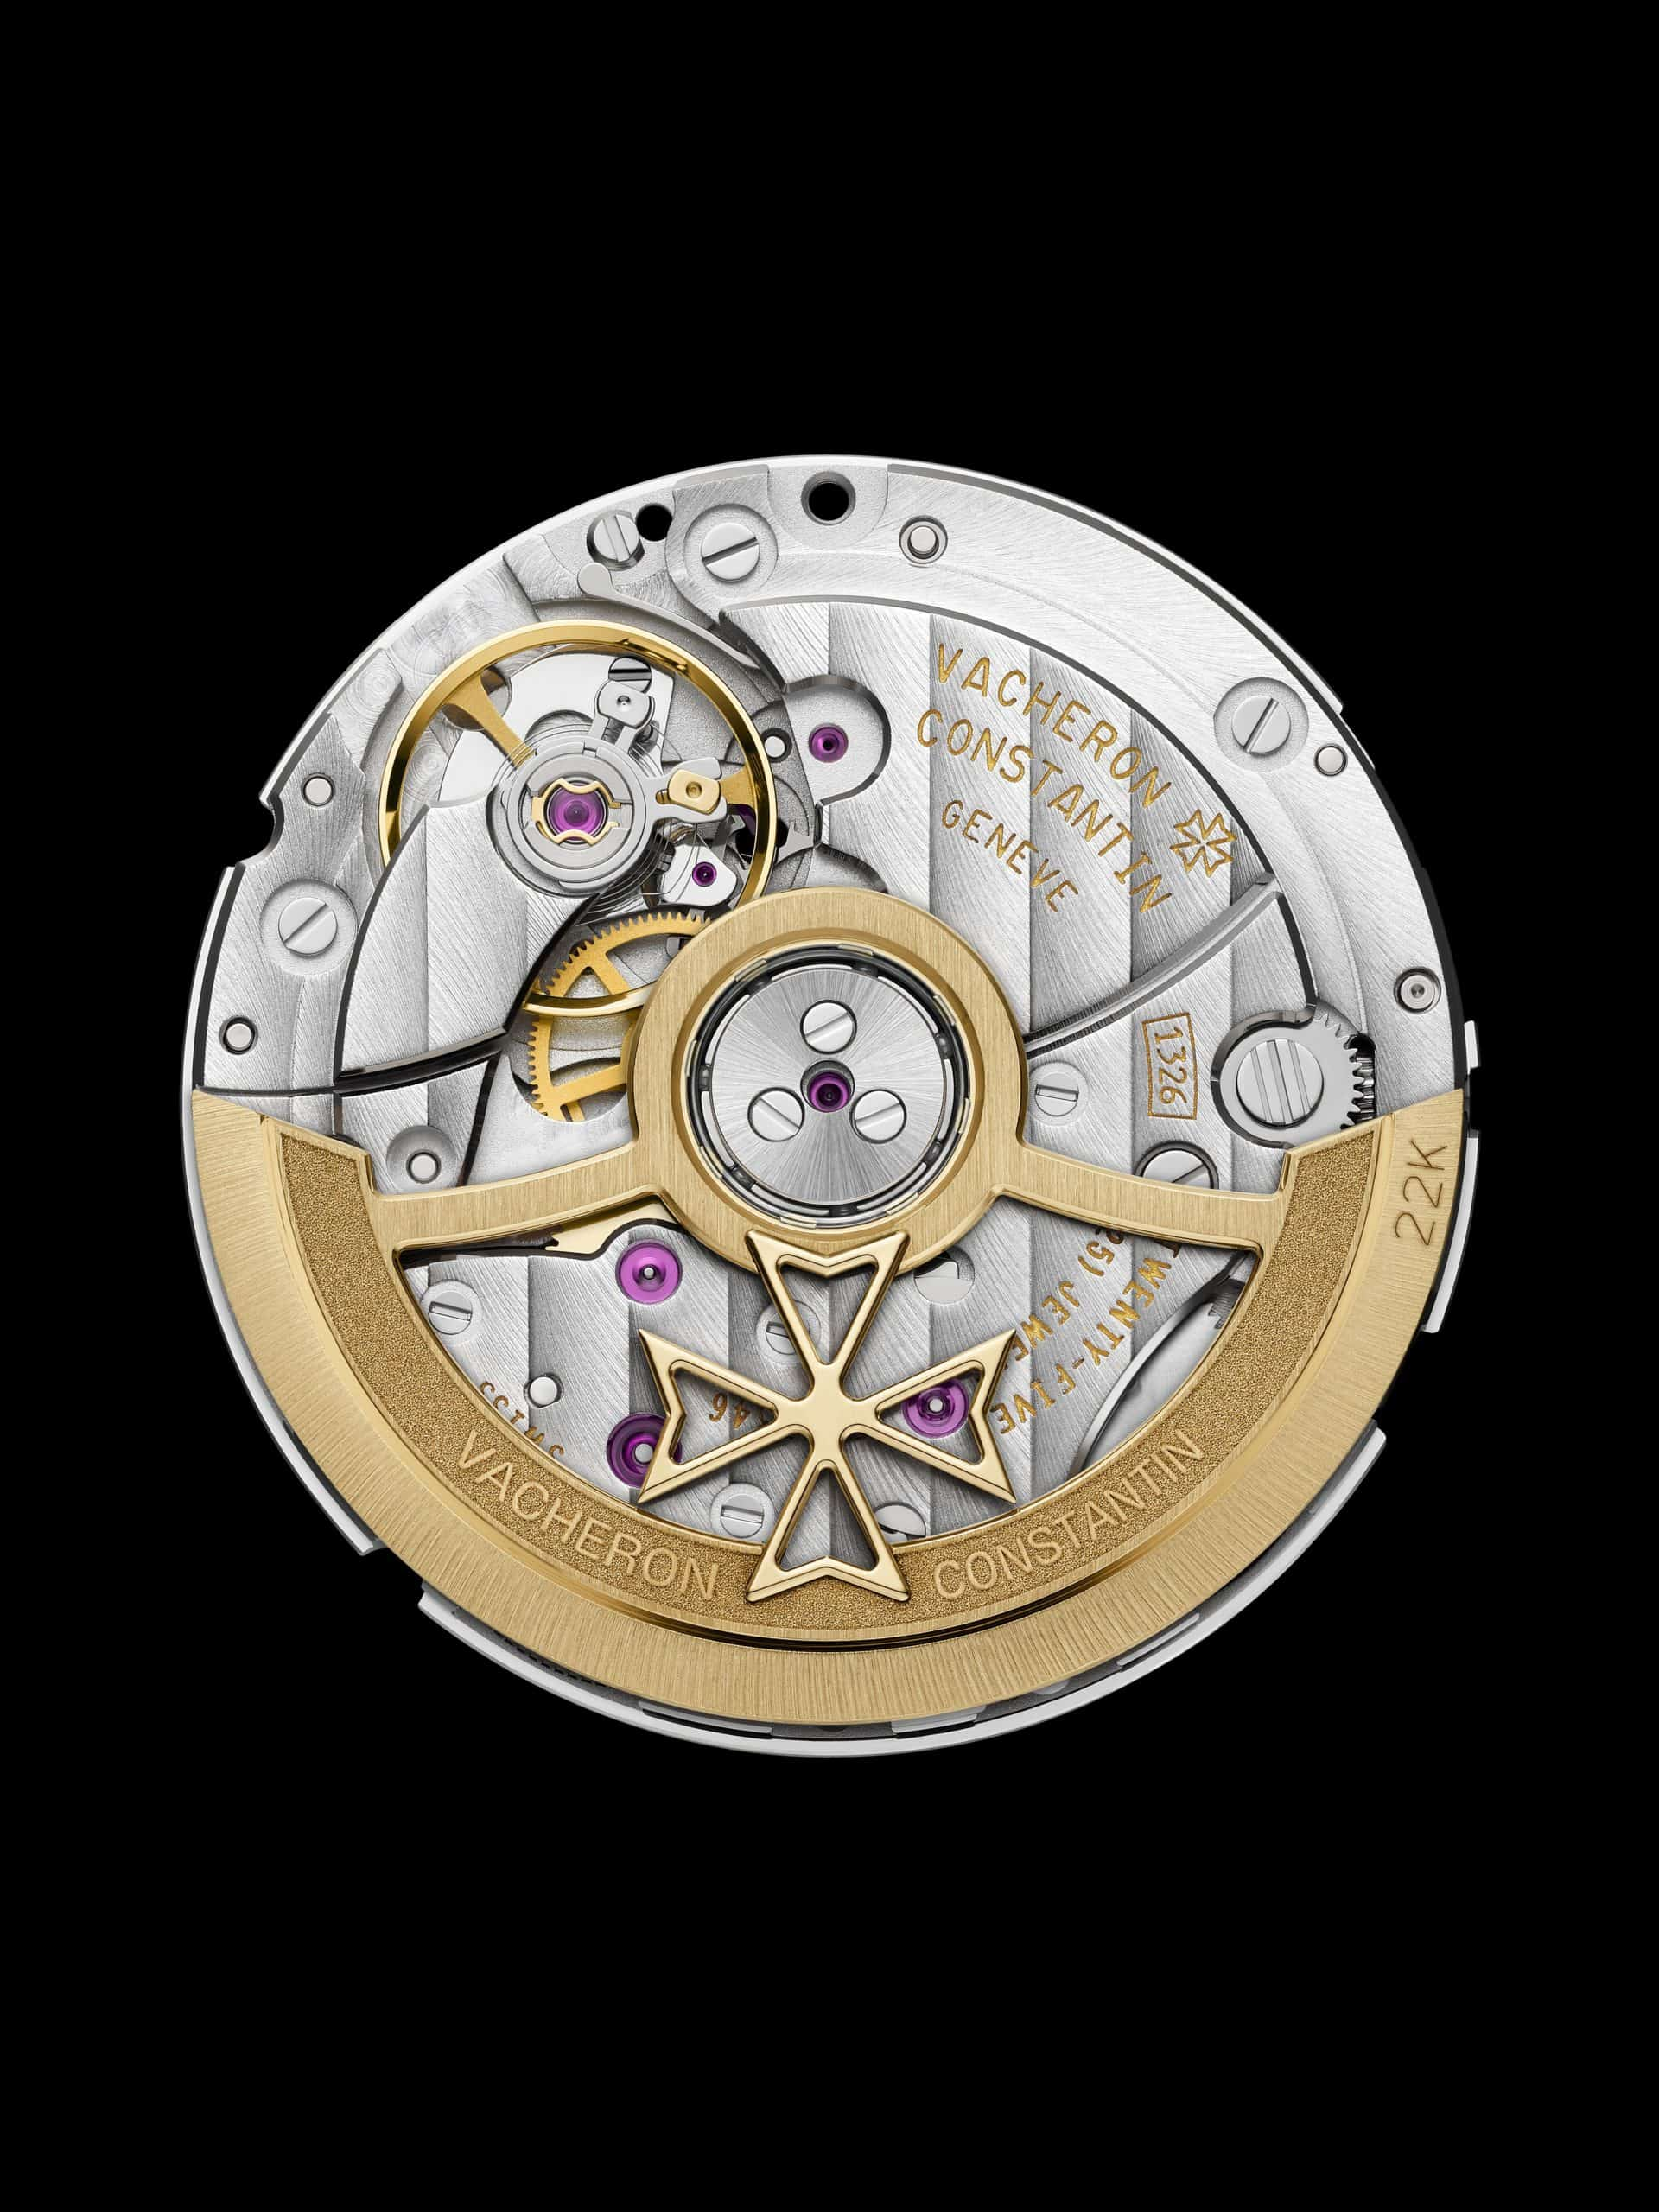 Vacheron Constantin FiftySix Automatik Kaliber 1326 V 1651489